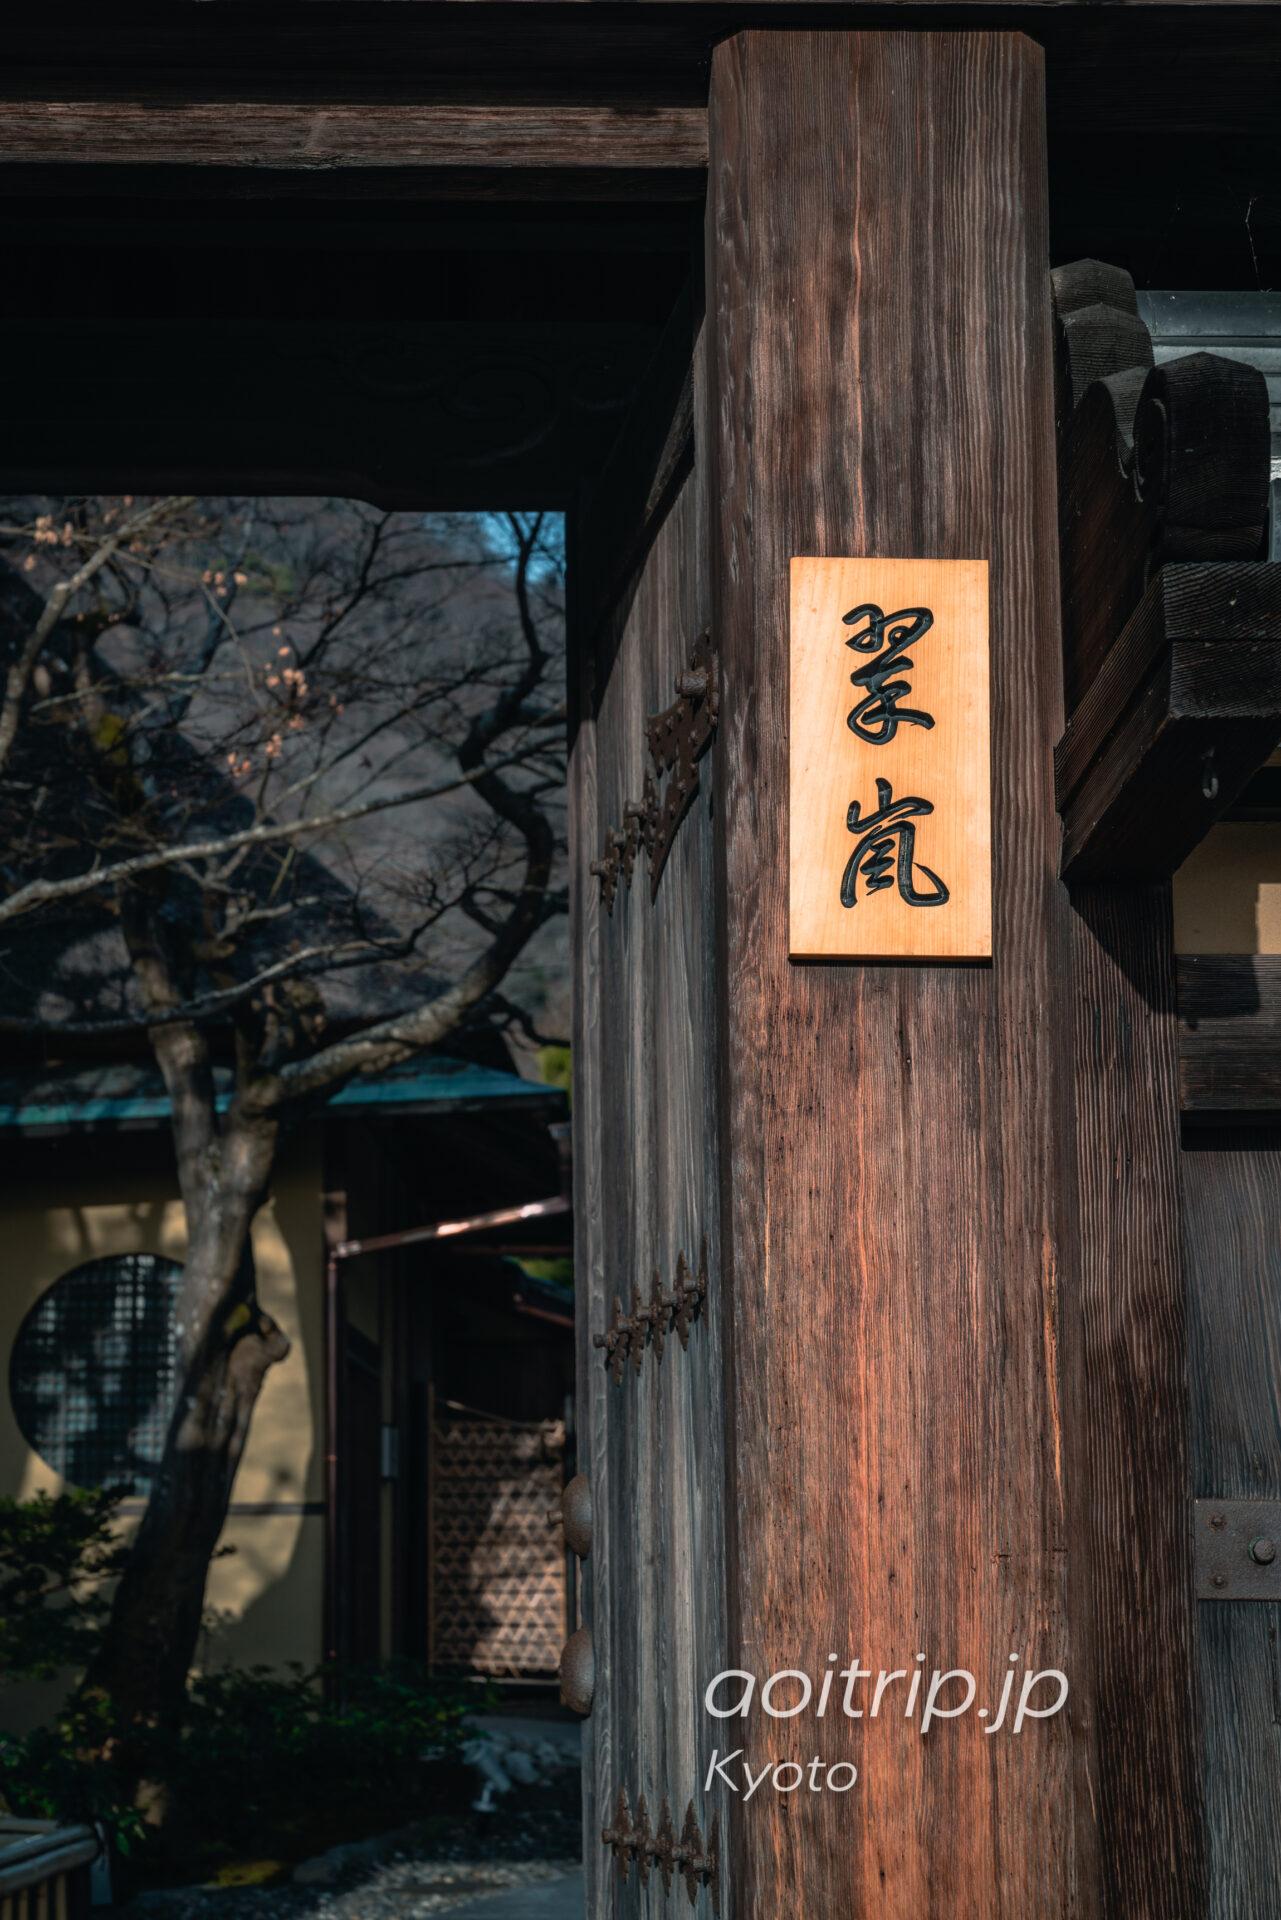 翠嵐 ラグジュアリーコレクションホテル 京都 宿泊記|Suiran, a Luxury Collection Hotel, Kyoto